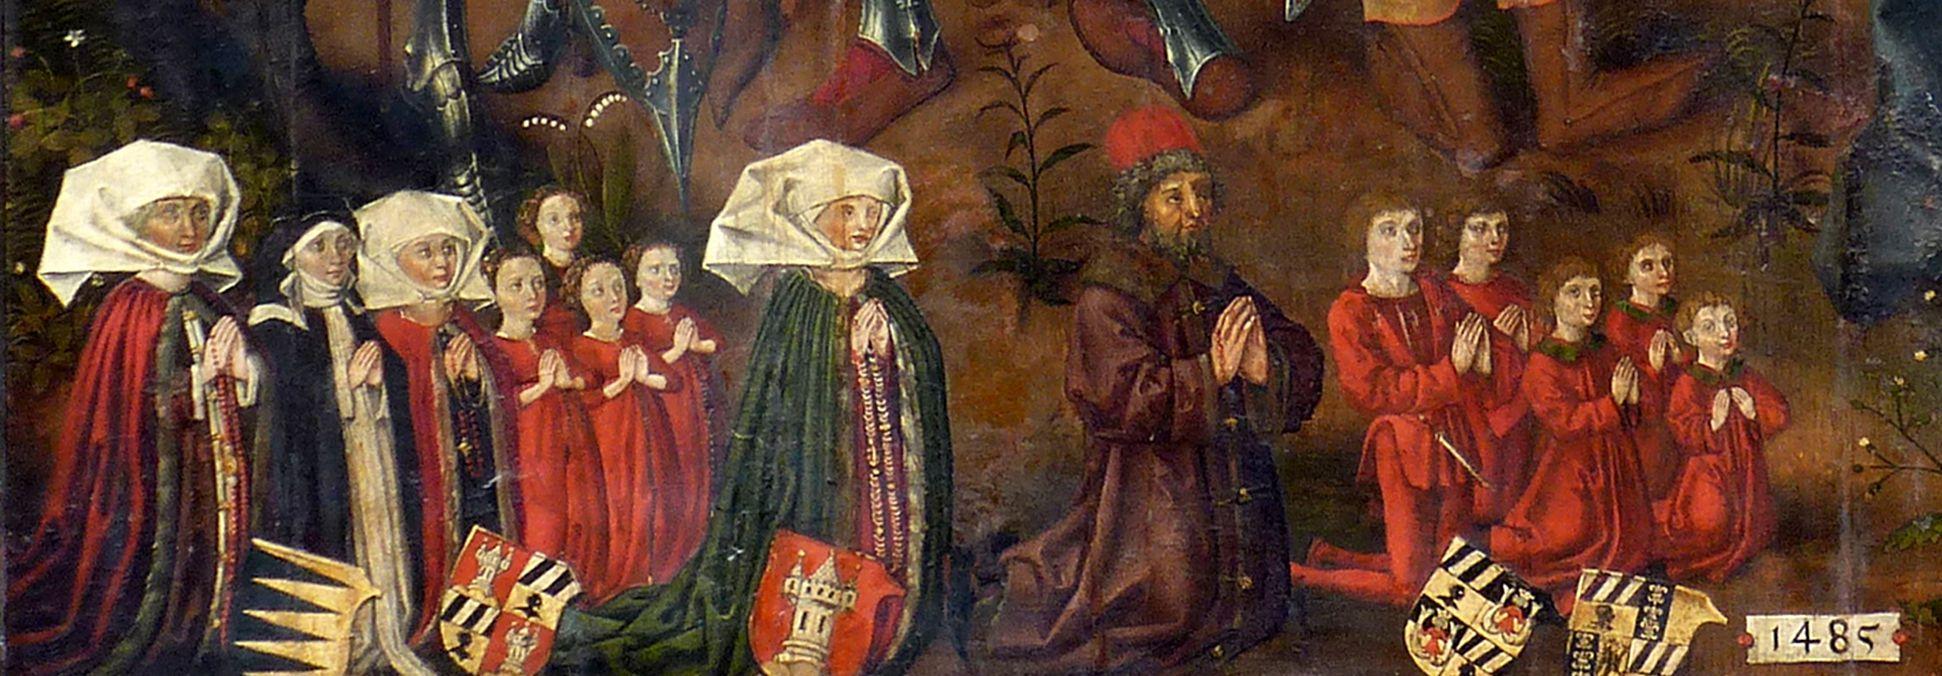 Epitaph für Barbara Tucher Stifterfamilie, Detail